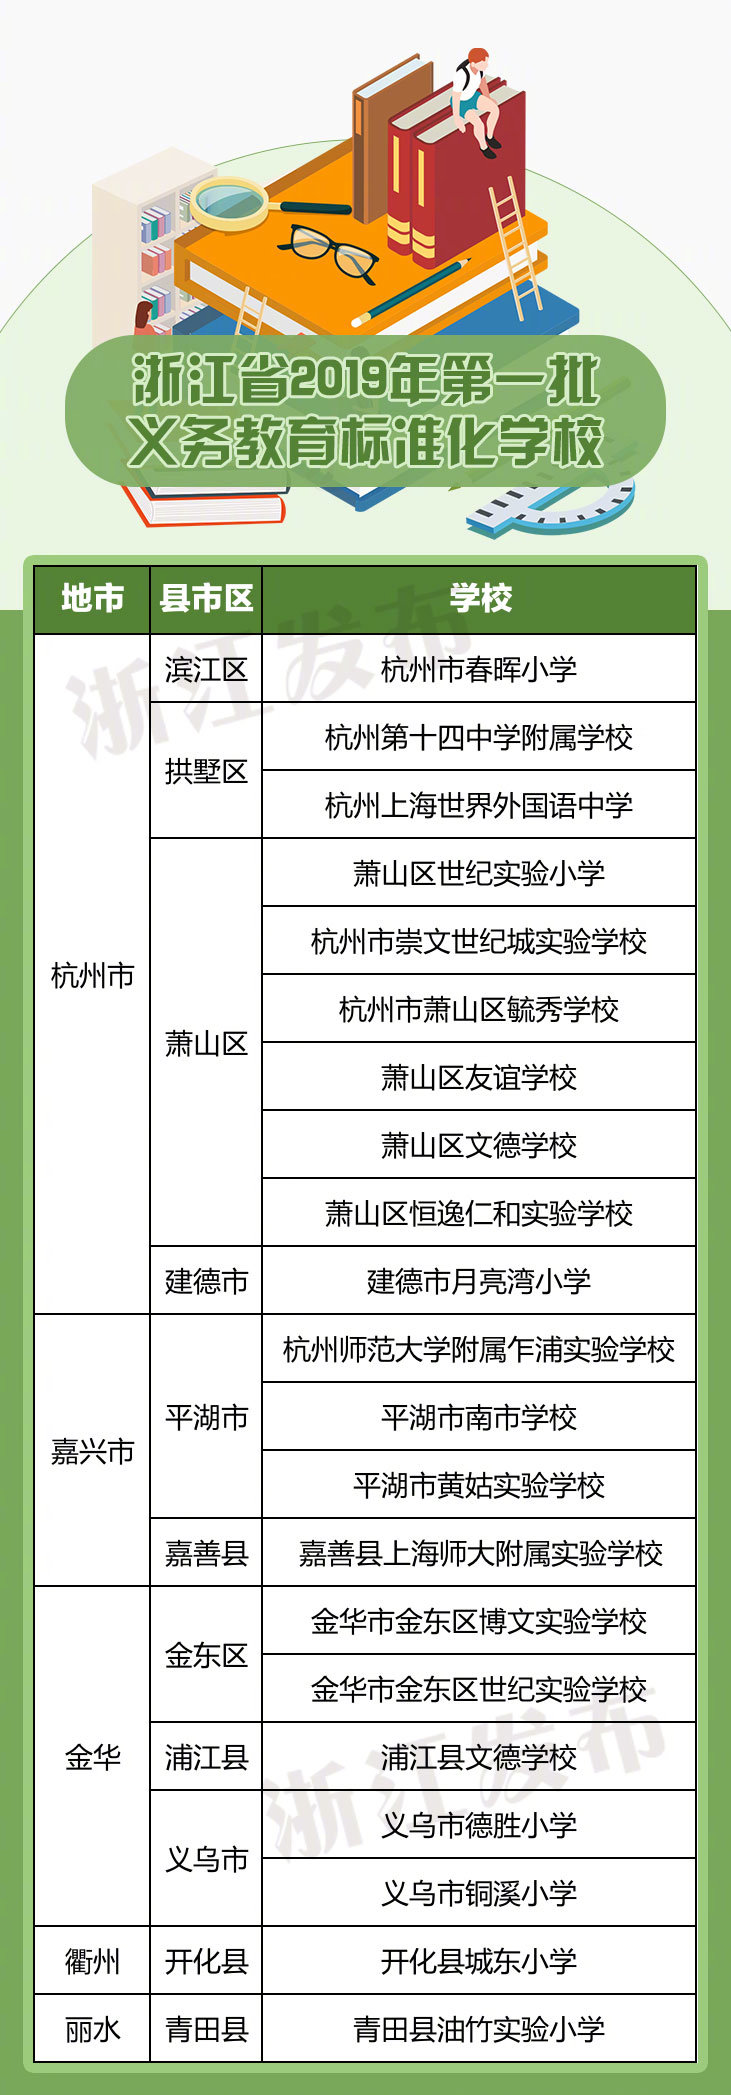 浙江2019年第一批义务教育标准化学校名单公布